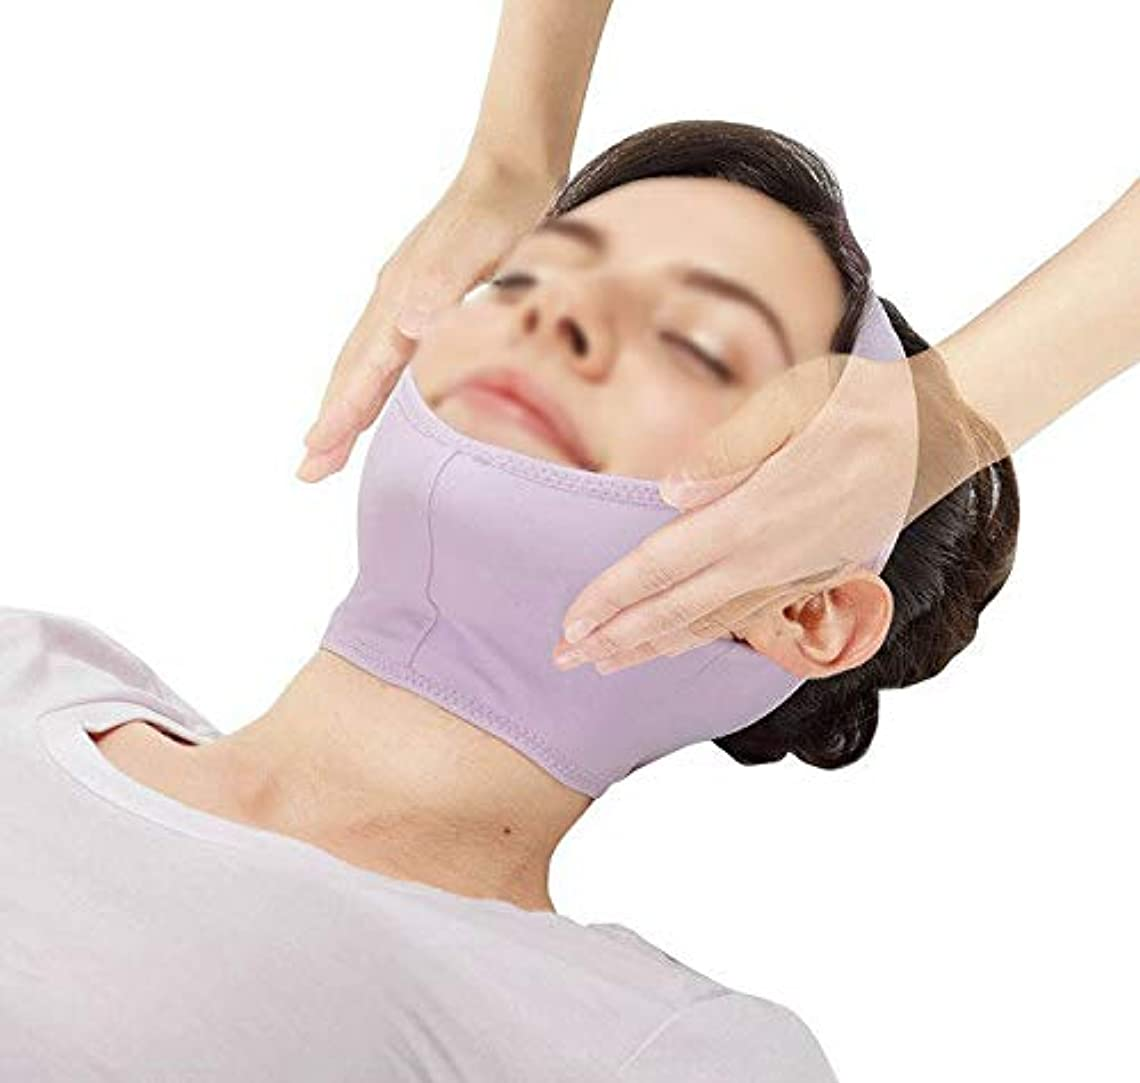 かび臭い冒険家菊MLX フェイシャルマスク、フェイスリフトアーティファクトマスク垂れ下がった顔小さなV顔包帯通気性睡眠ダブルチン減量マスク